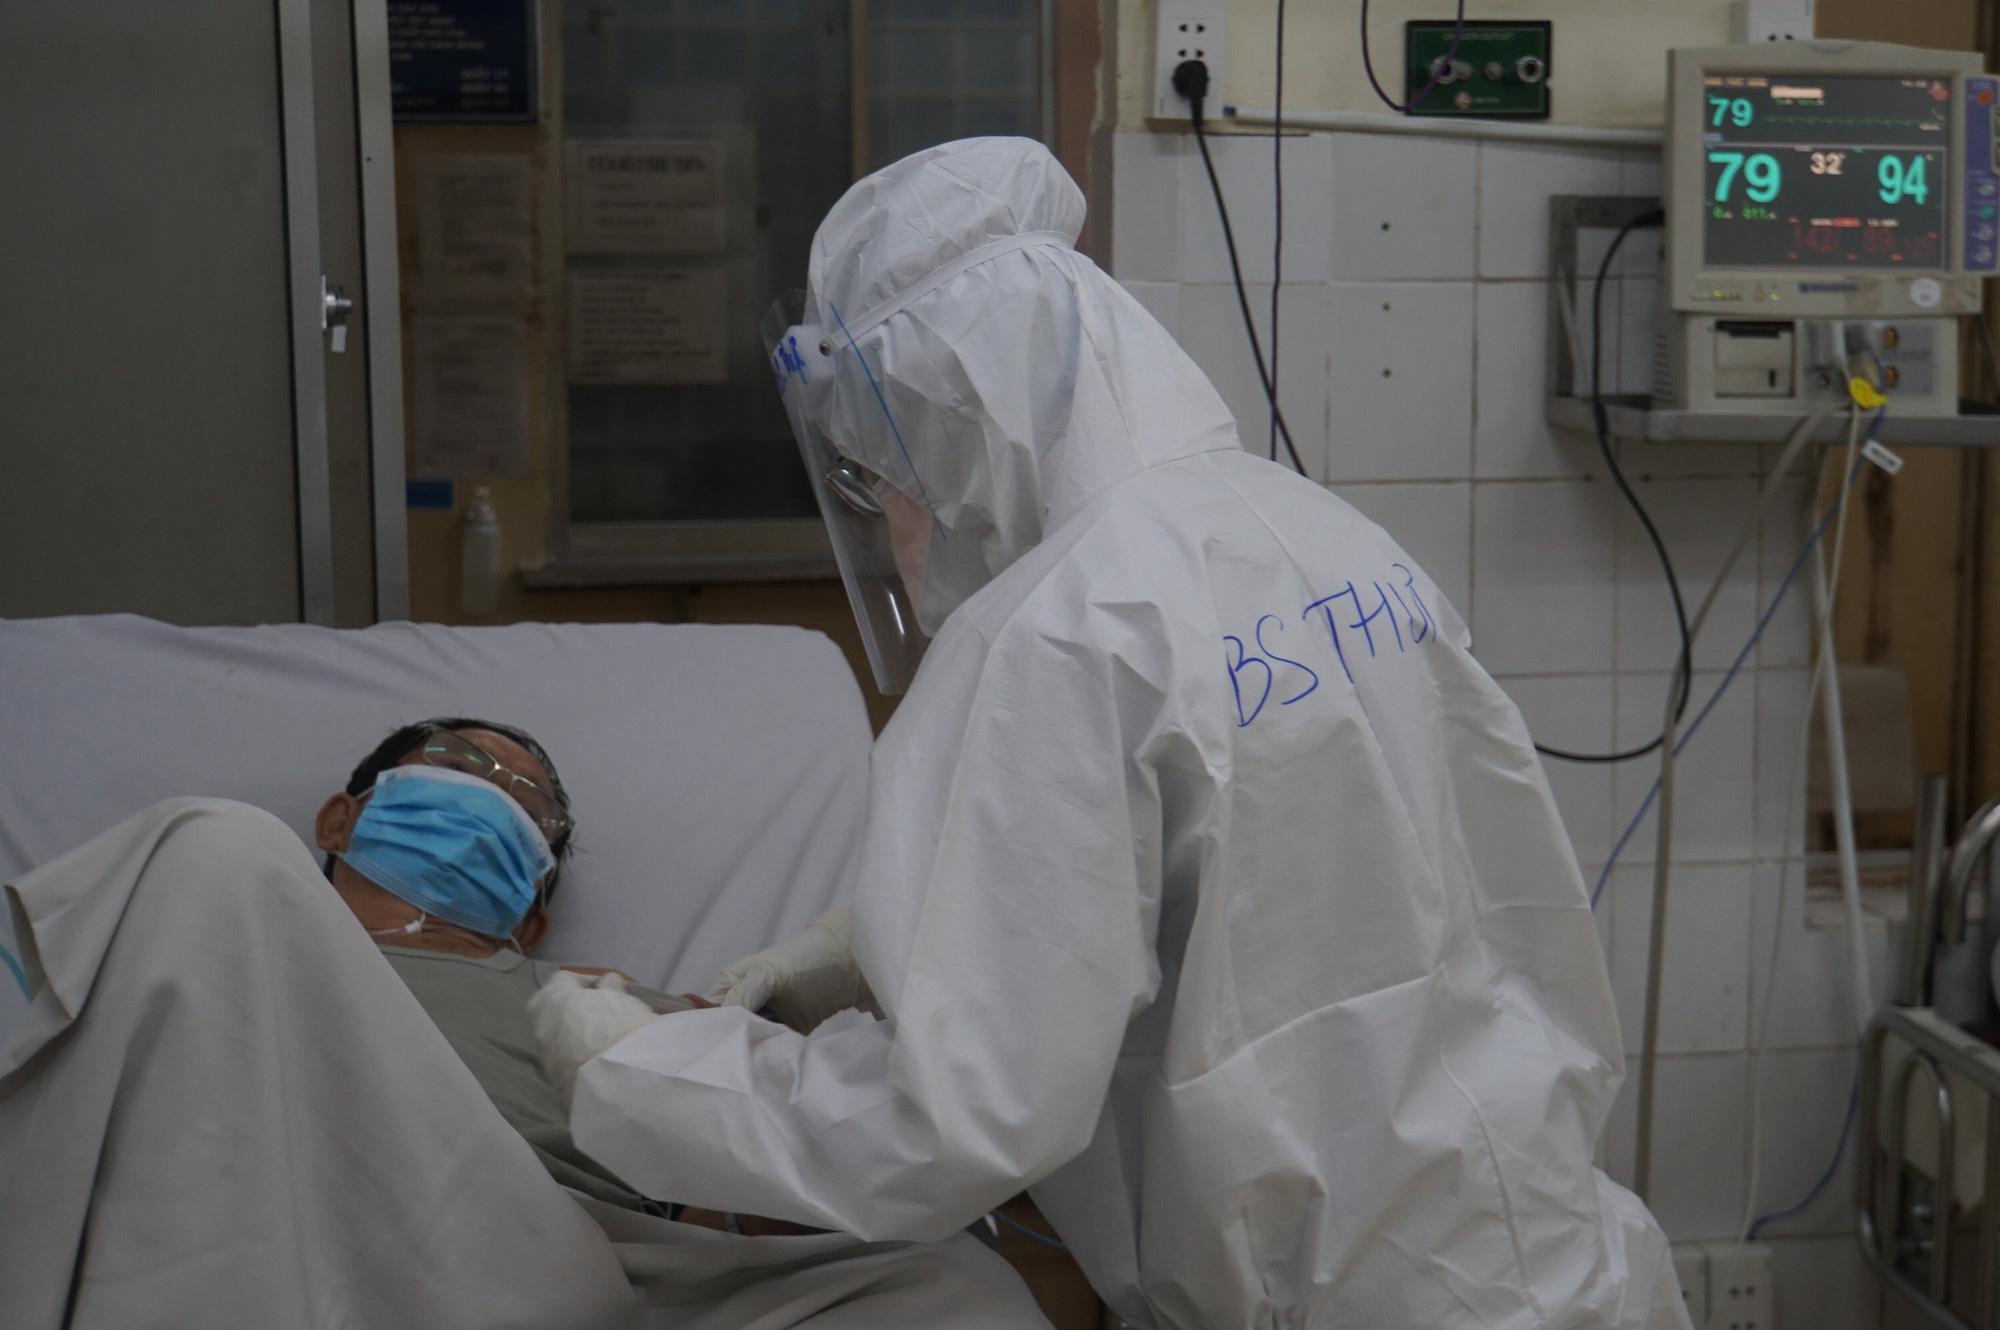 Diễn biến dịch ngày 27/7: Có thêm 1602 người khỏi bệnh, tổng số bệnh nhân khỏi bệnh gần 23.000 người - Ảnh 13.